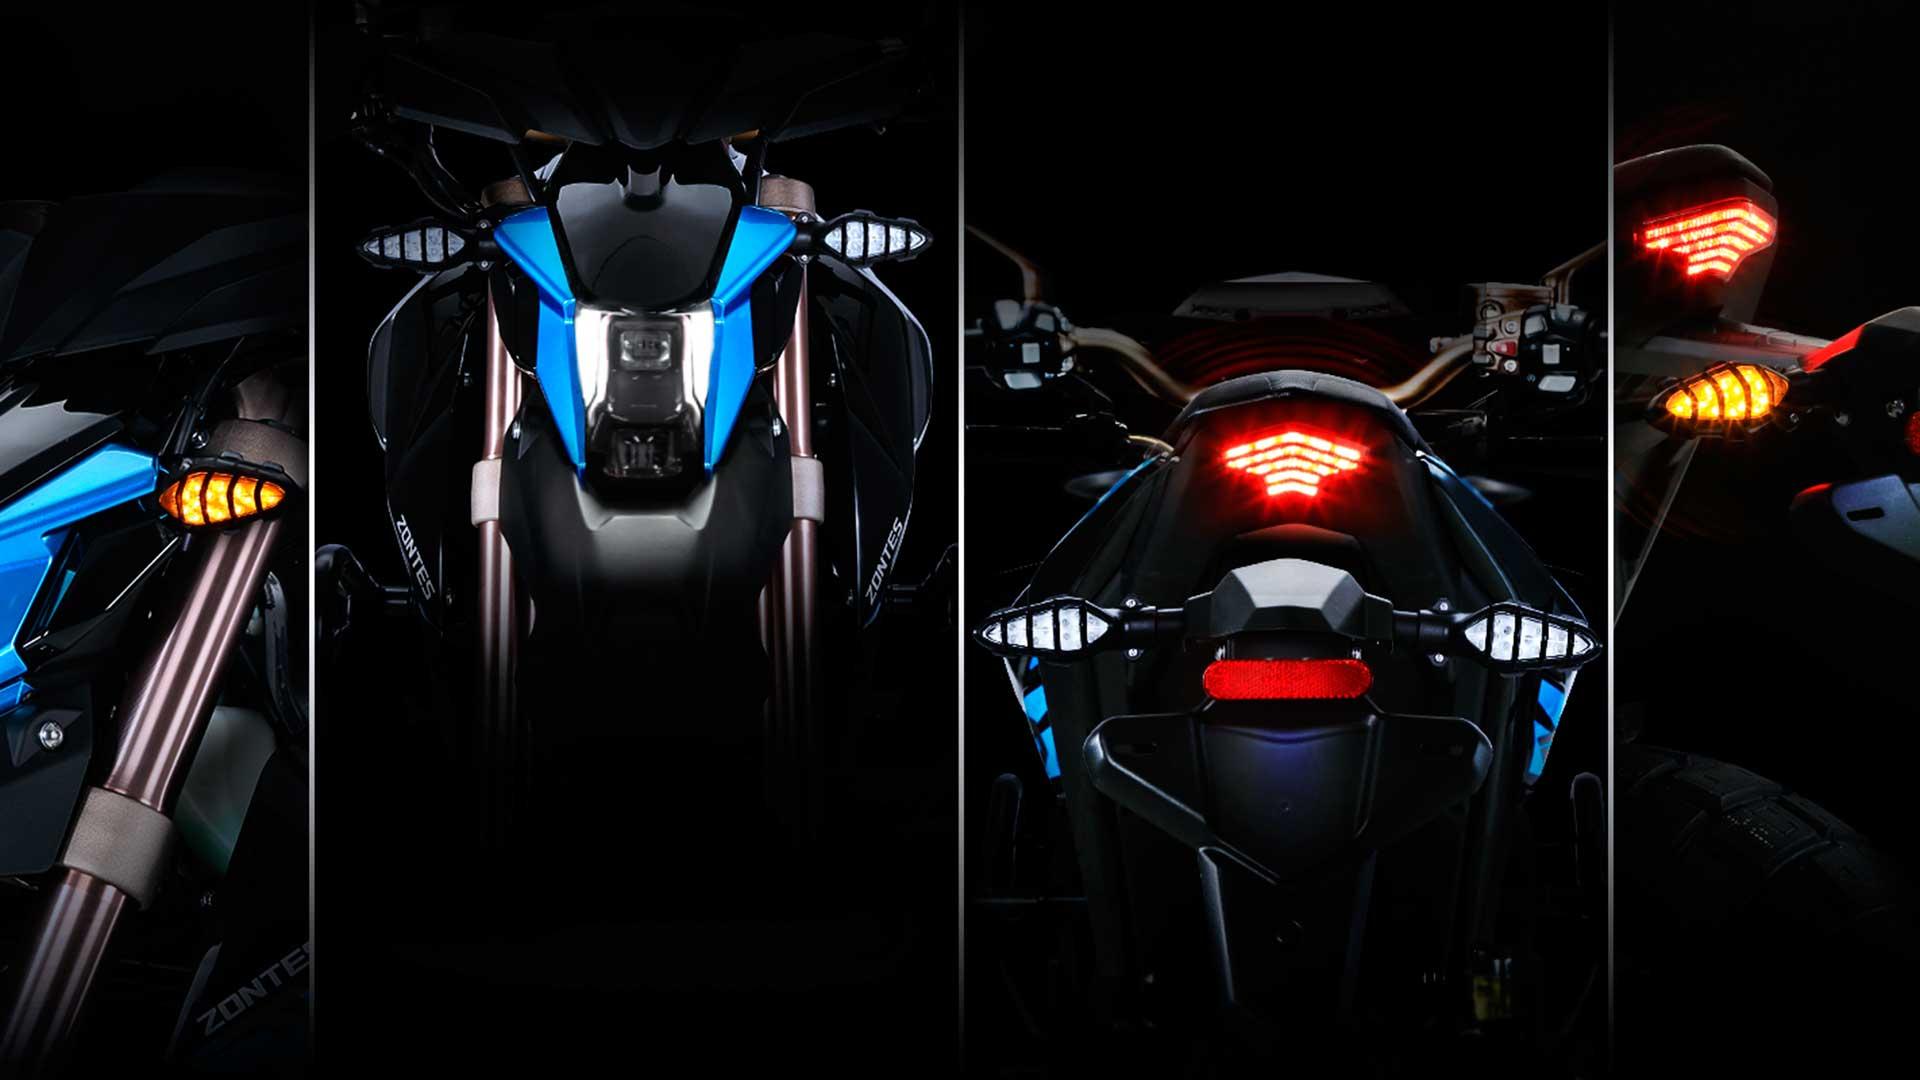 Zontes lidera el mercado de motos de 125cc en España